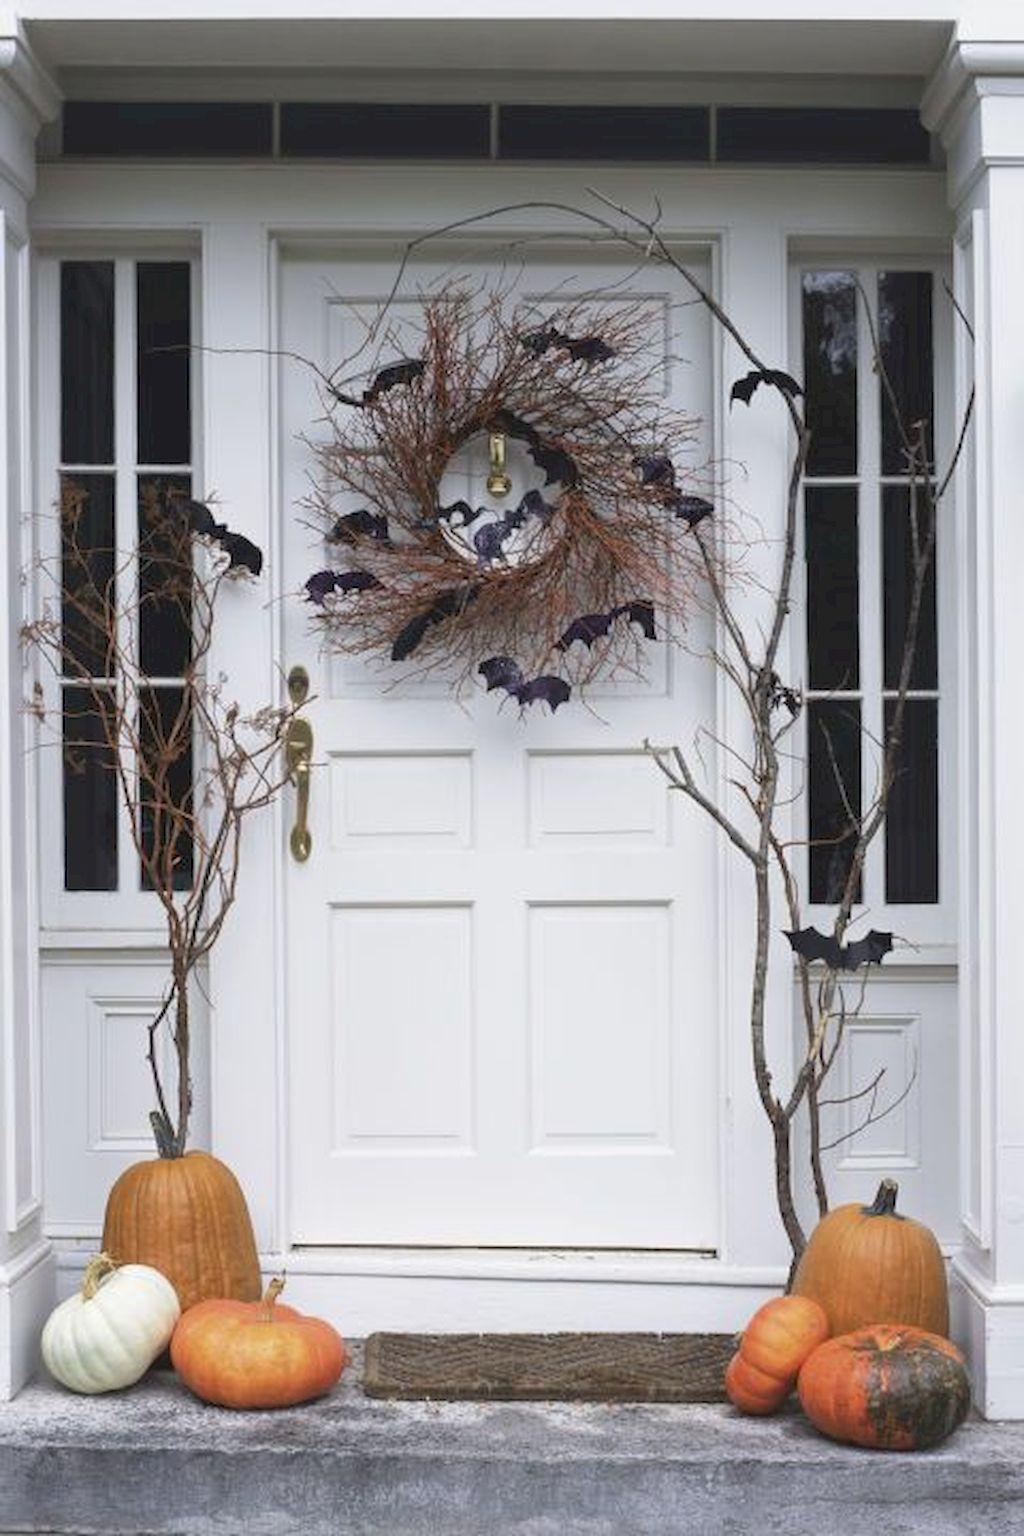 Diy farmhouse fall decorating ideas (17)   Halloween Decor ...